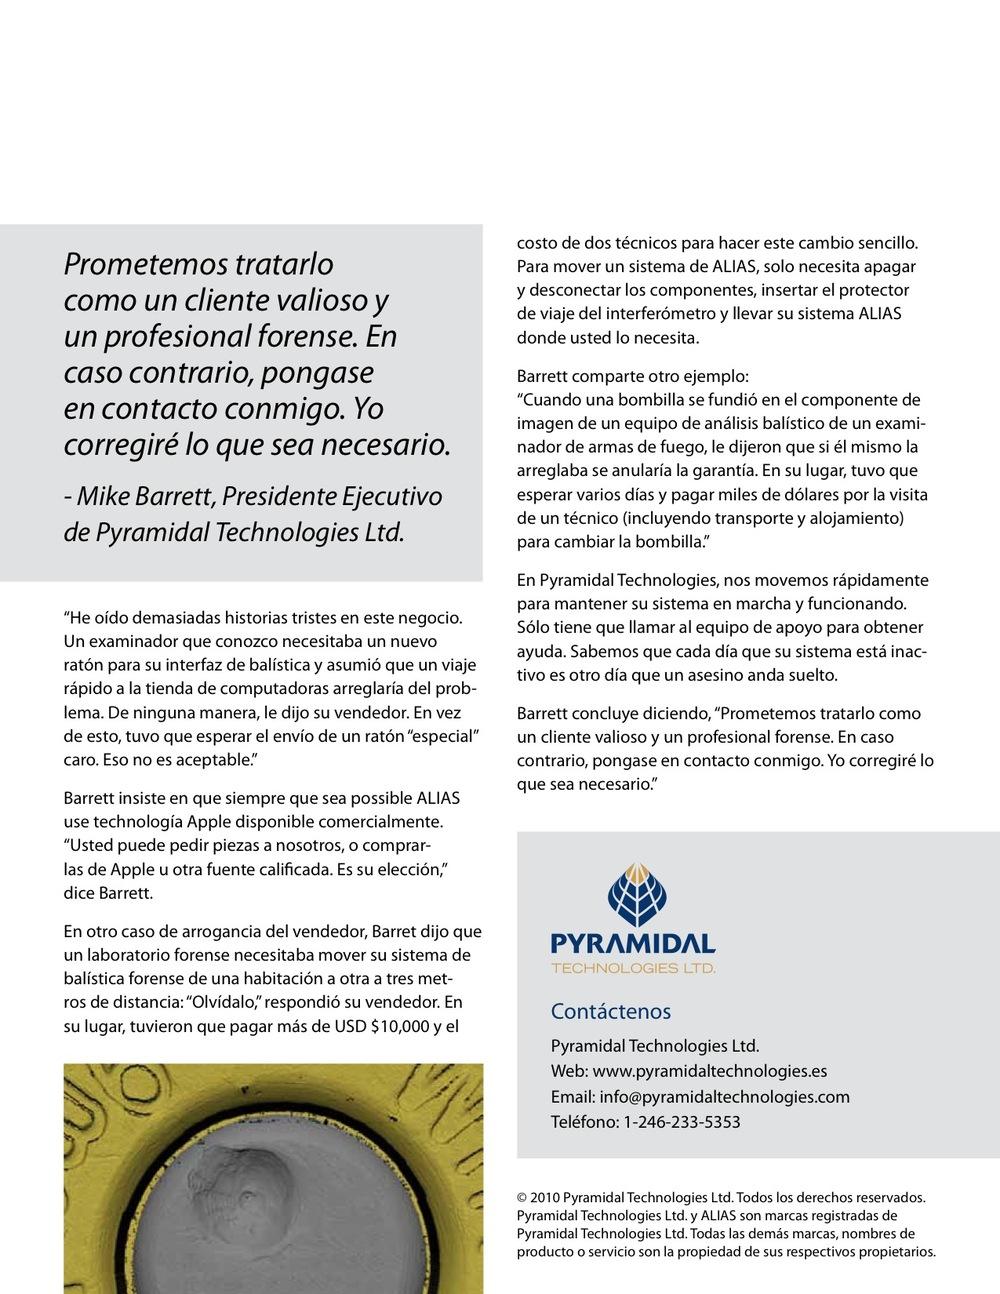 ALIAS_BillofRights_Aug2010_Spanish_VIEW-page2.jpg